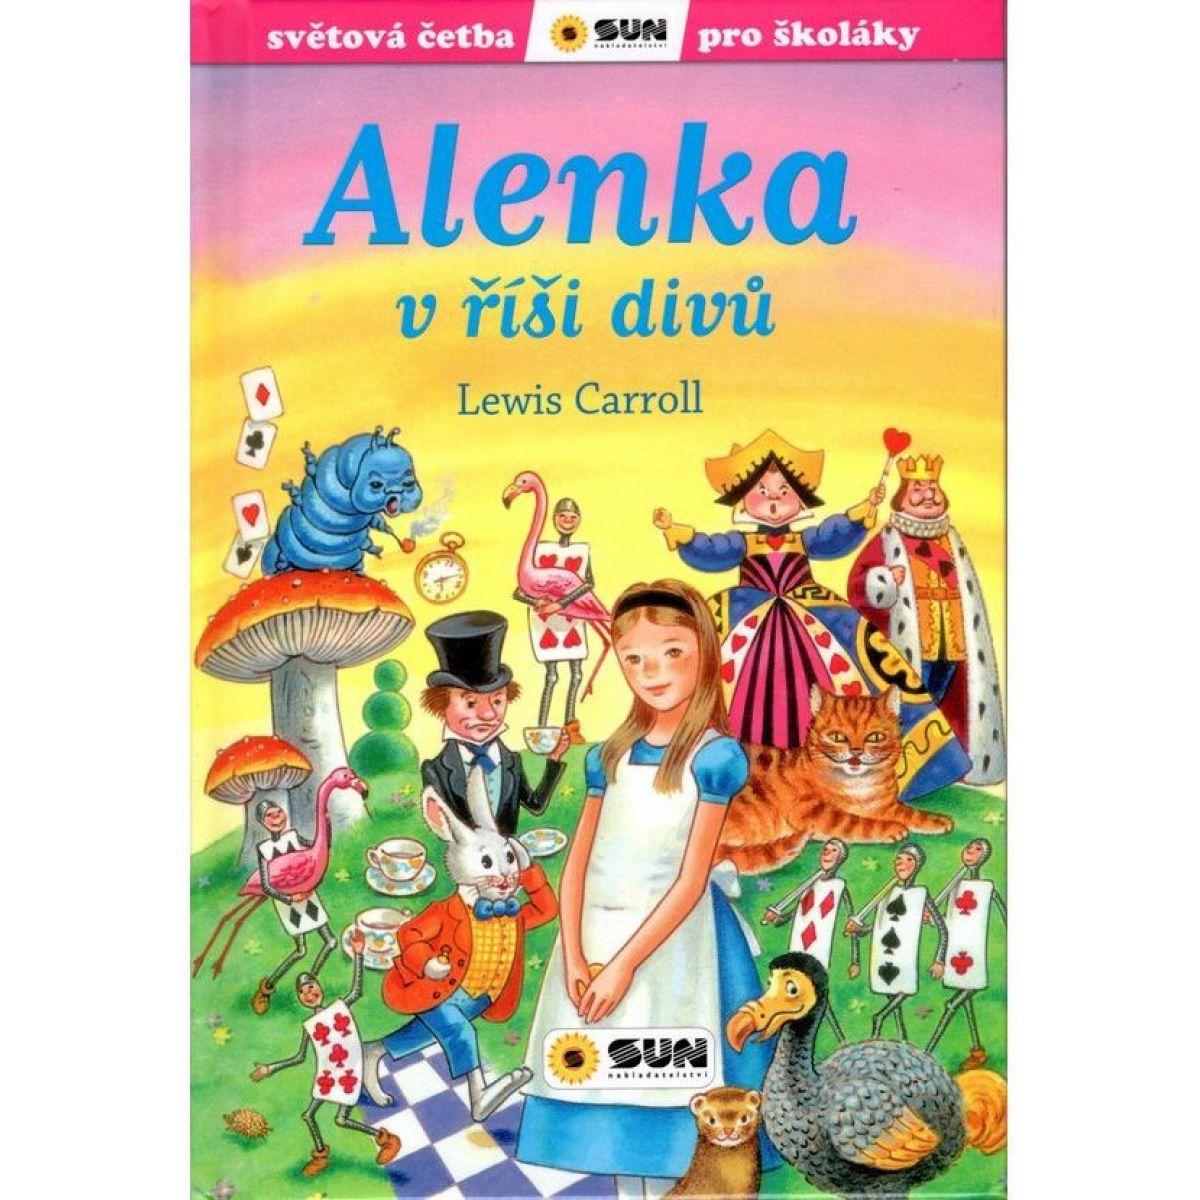 Svetová čítanie Alenka v ríši divov